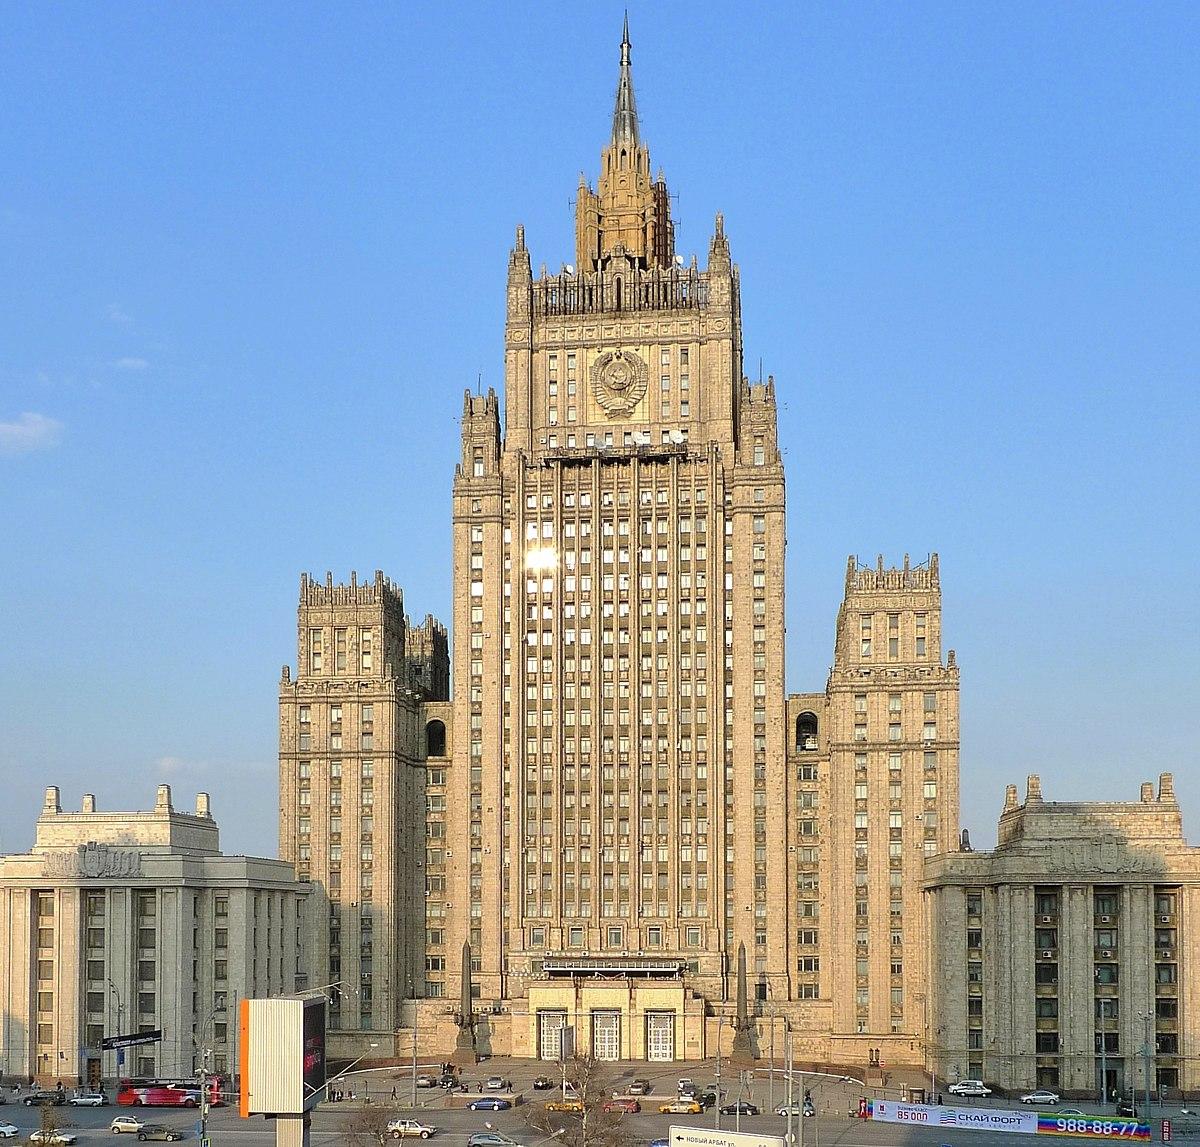 Ministerio de asuntos exteriores rusia wikipedia la for Oposiciones ministerio de exteriores